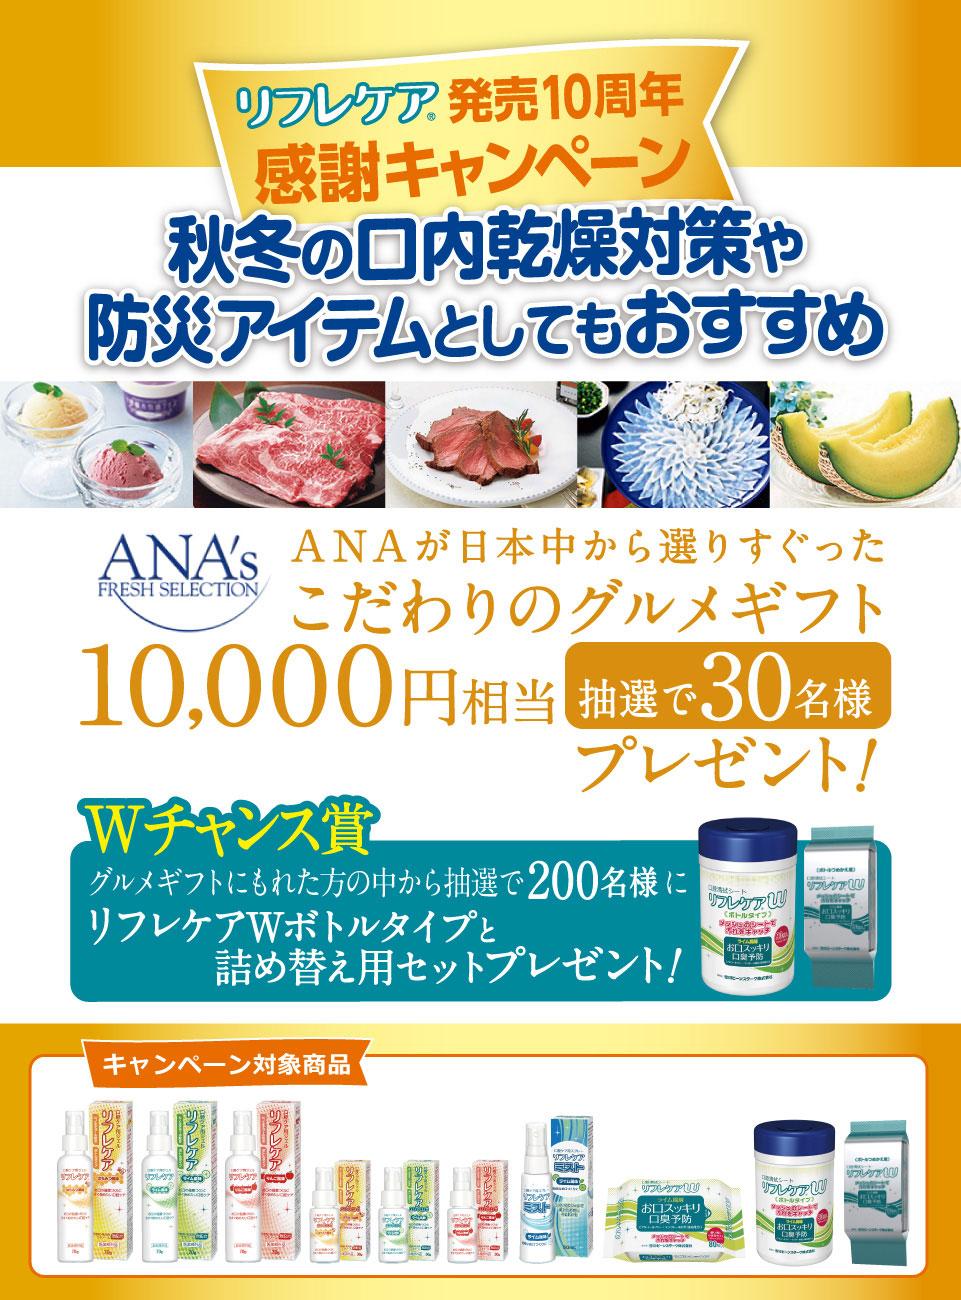 リフレケア発売10周年感謝キャンペーン